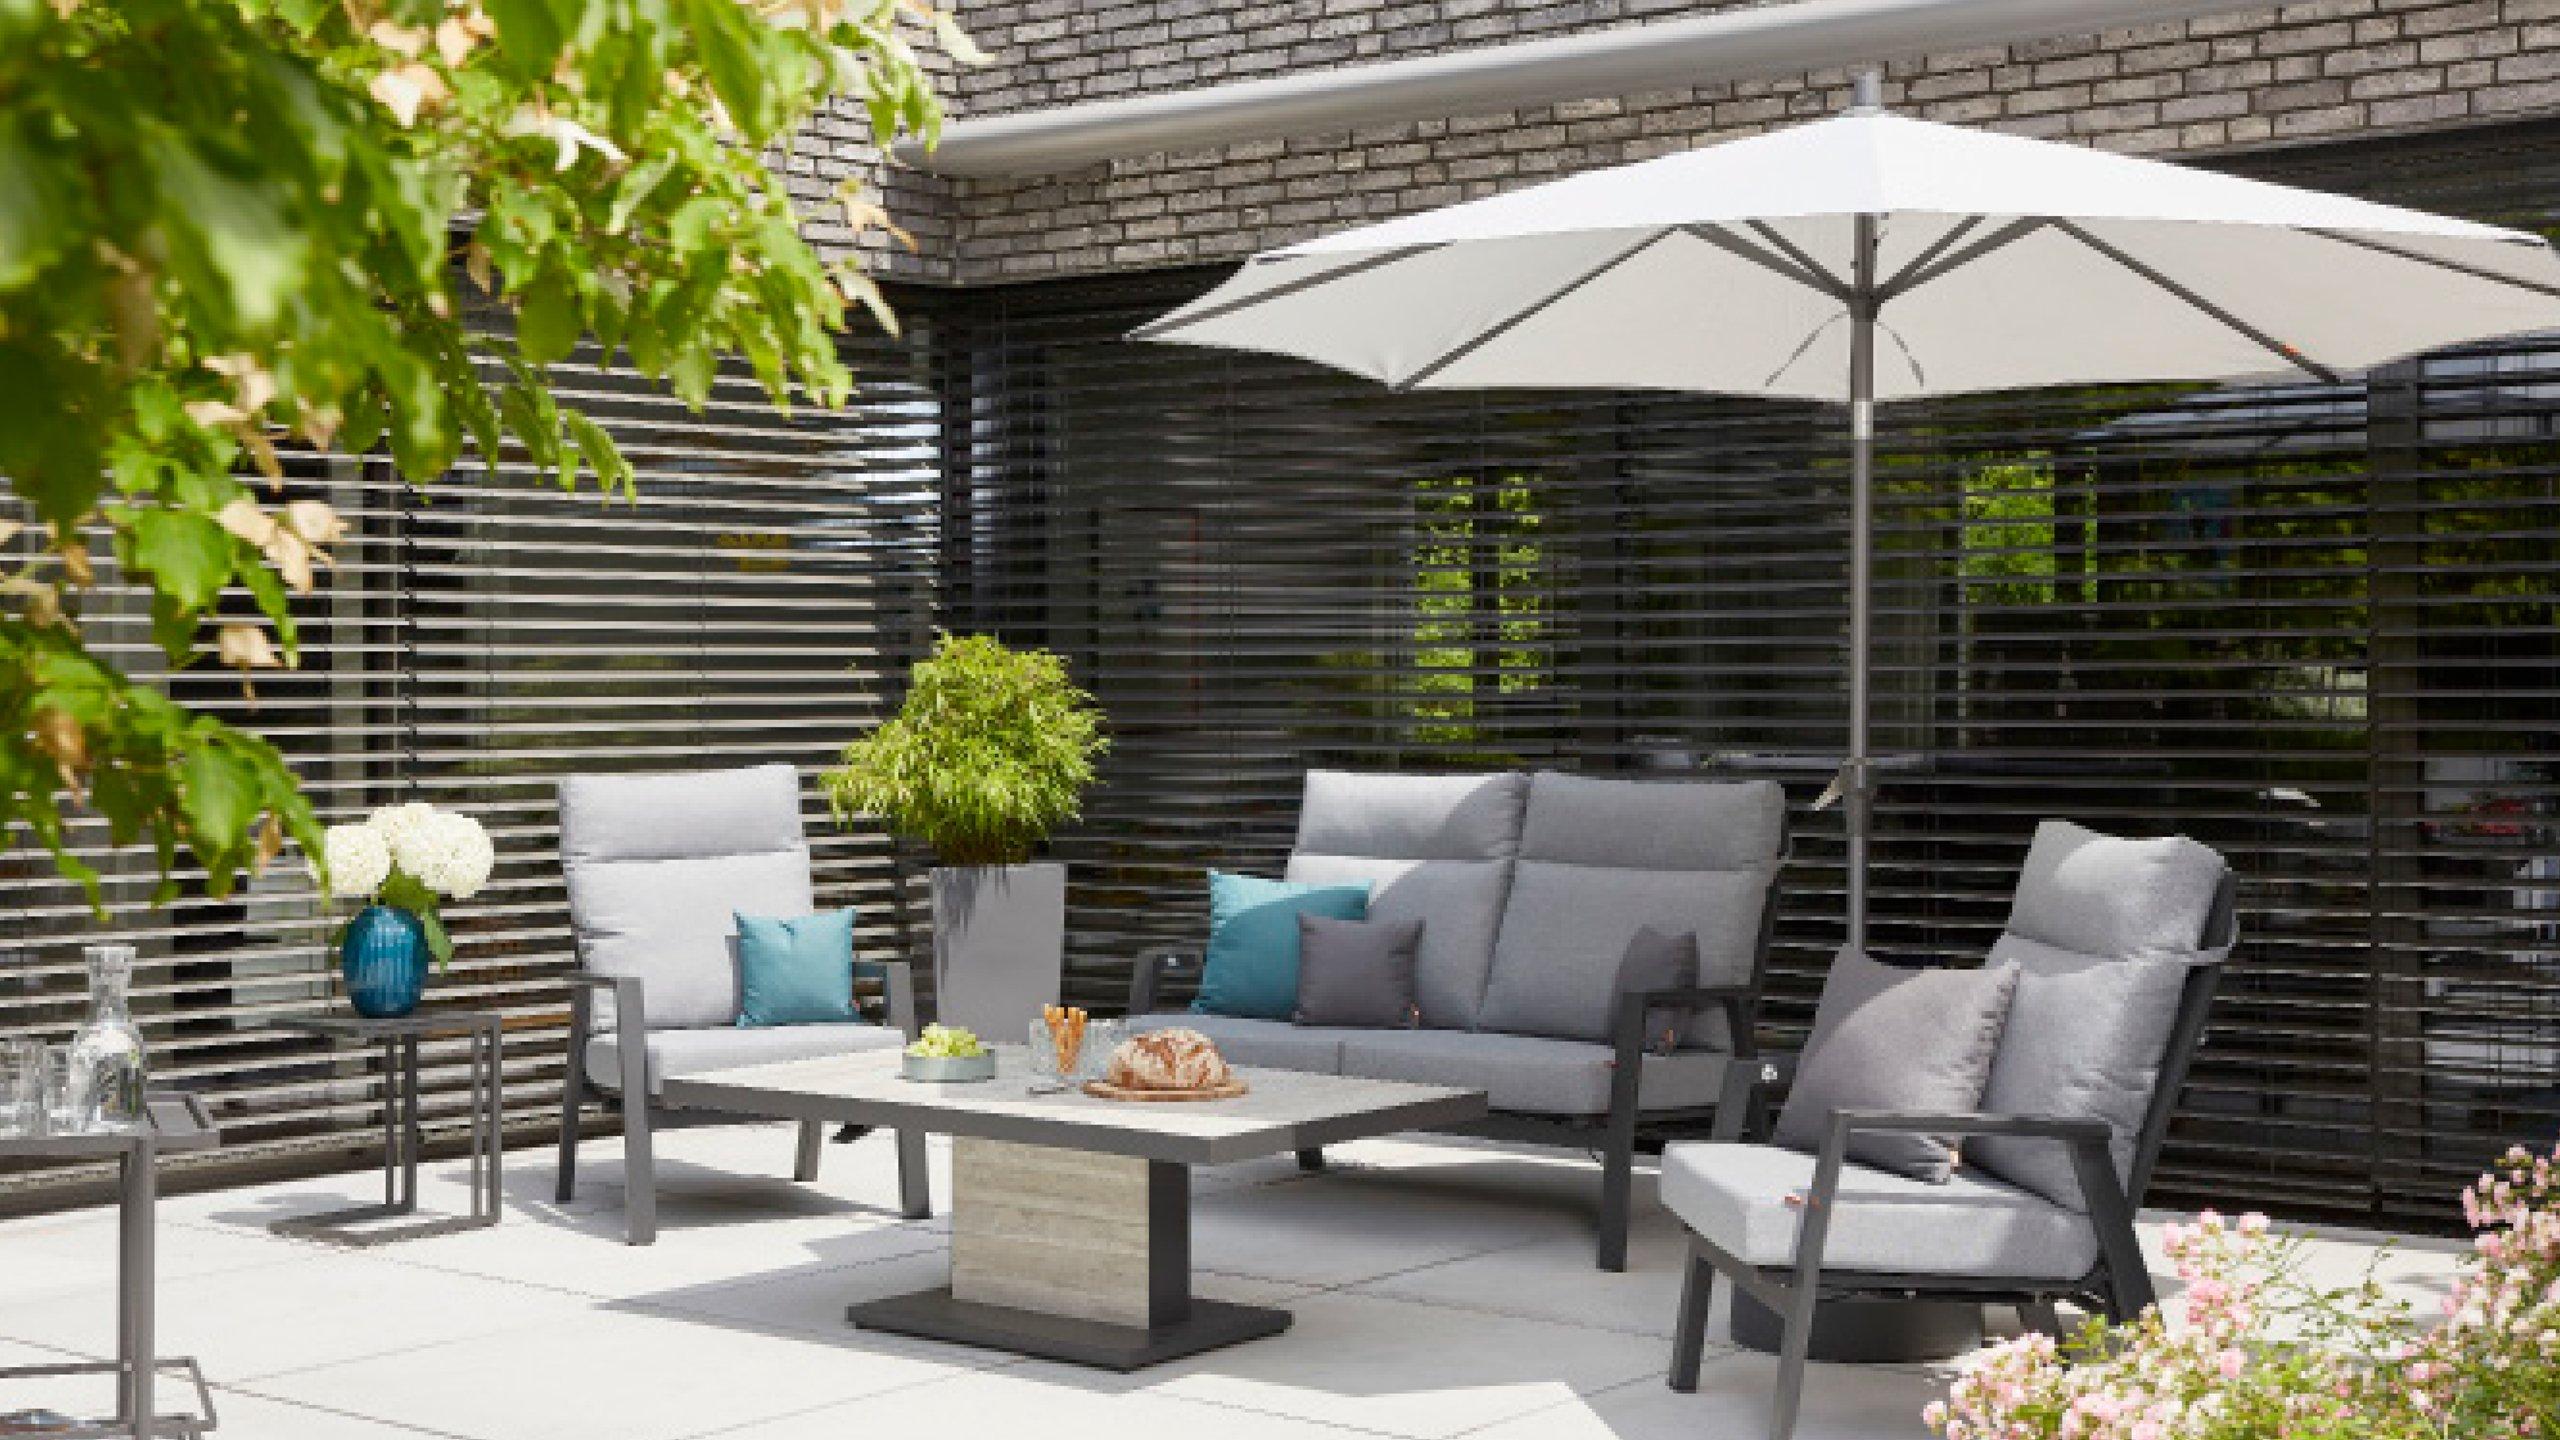 Terrasse mit Loungemöbeln und Sonnenschirm